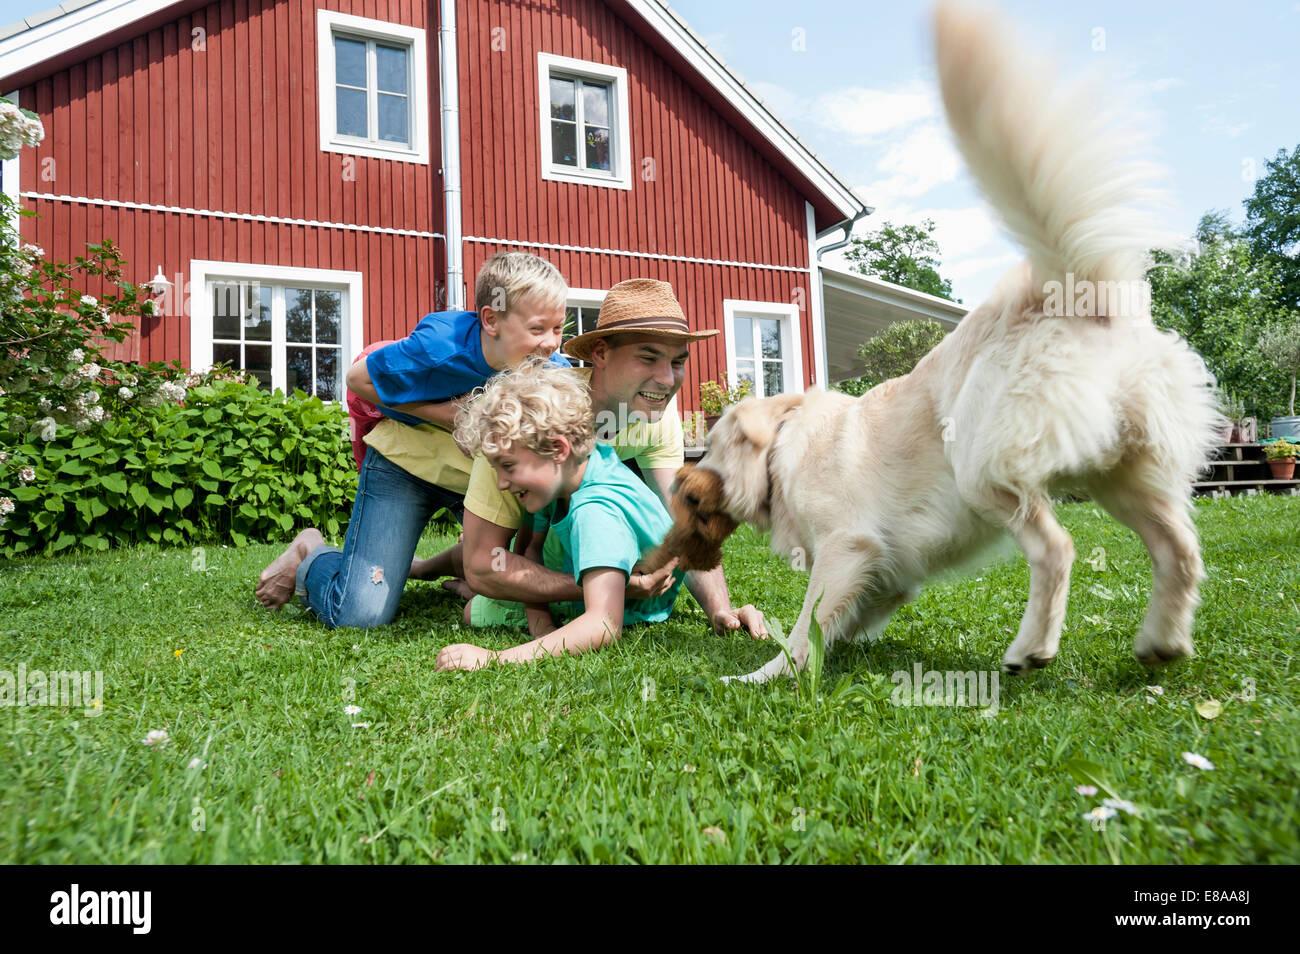 Père et fils chien jouant sur l'herbe Photo Stock